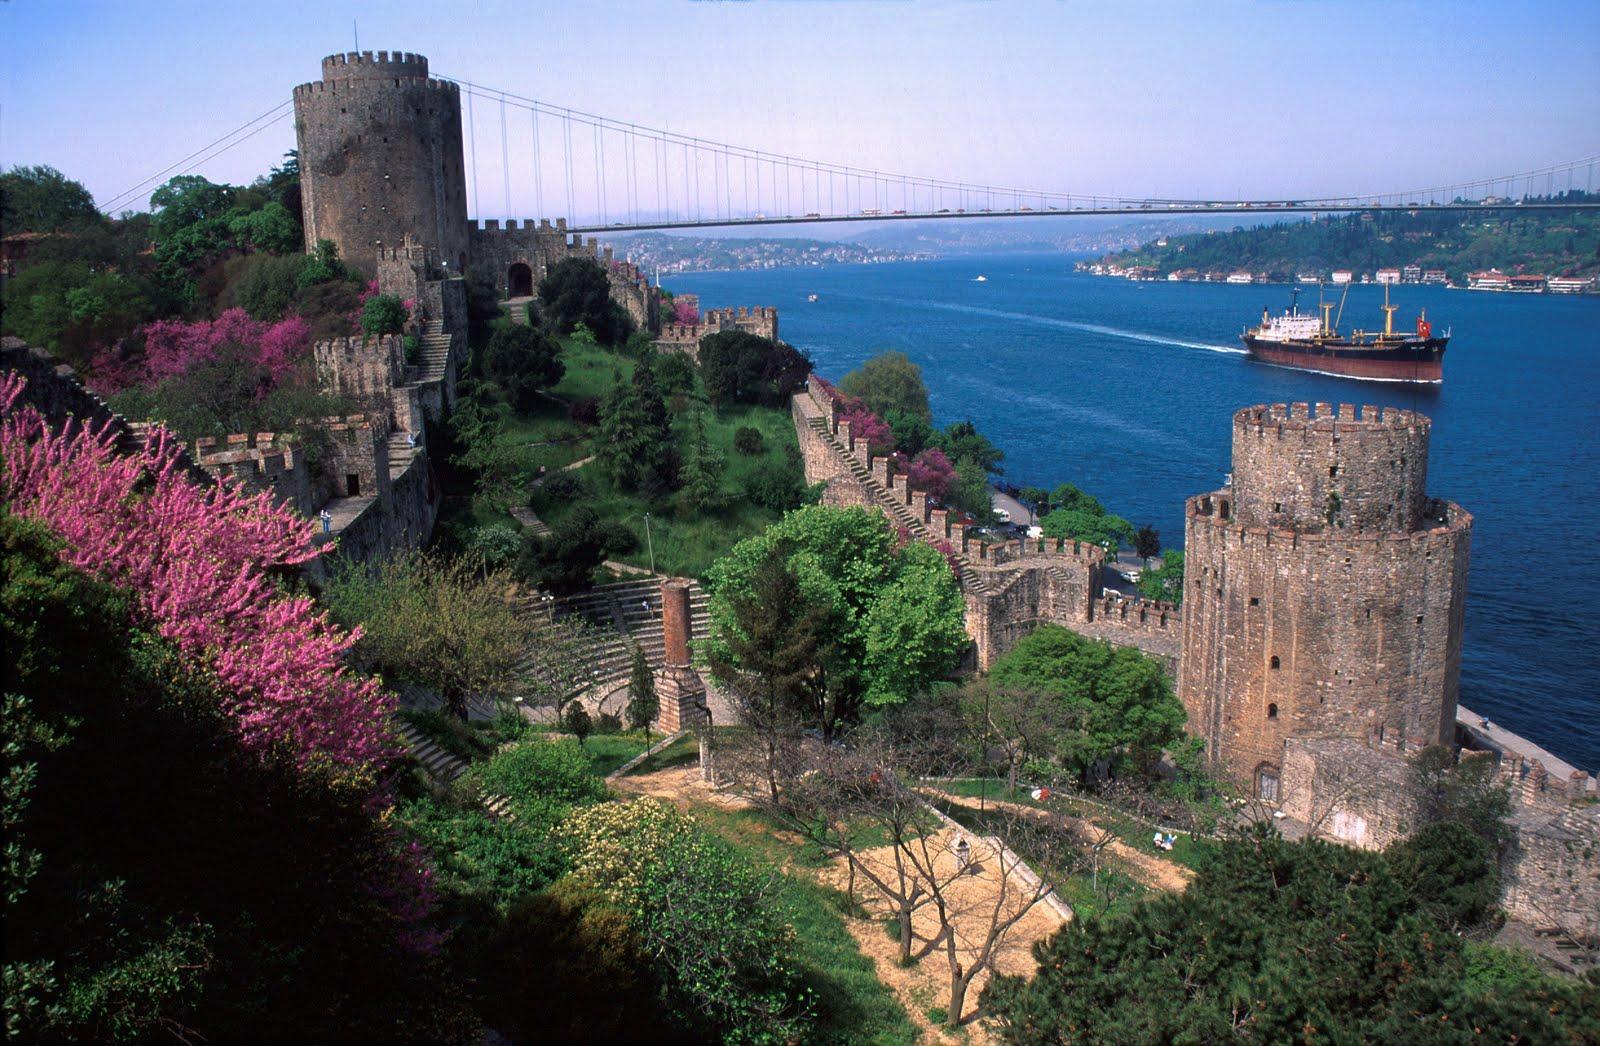 http://4.bp.blogspot.com/-cZd61QZ3Wdg/TyPj_Vq6nbI/AAAAAAAABqE/tD01Xc0zQyc/s1600/Turkey.jpg